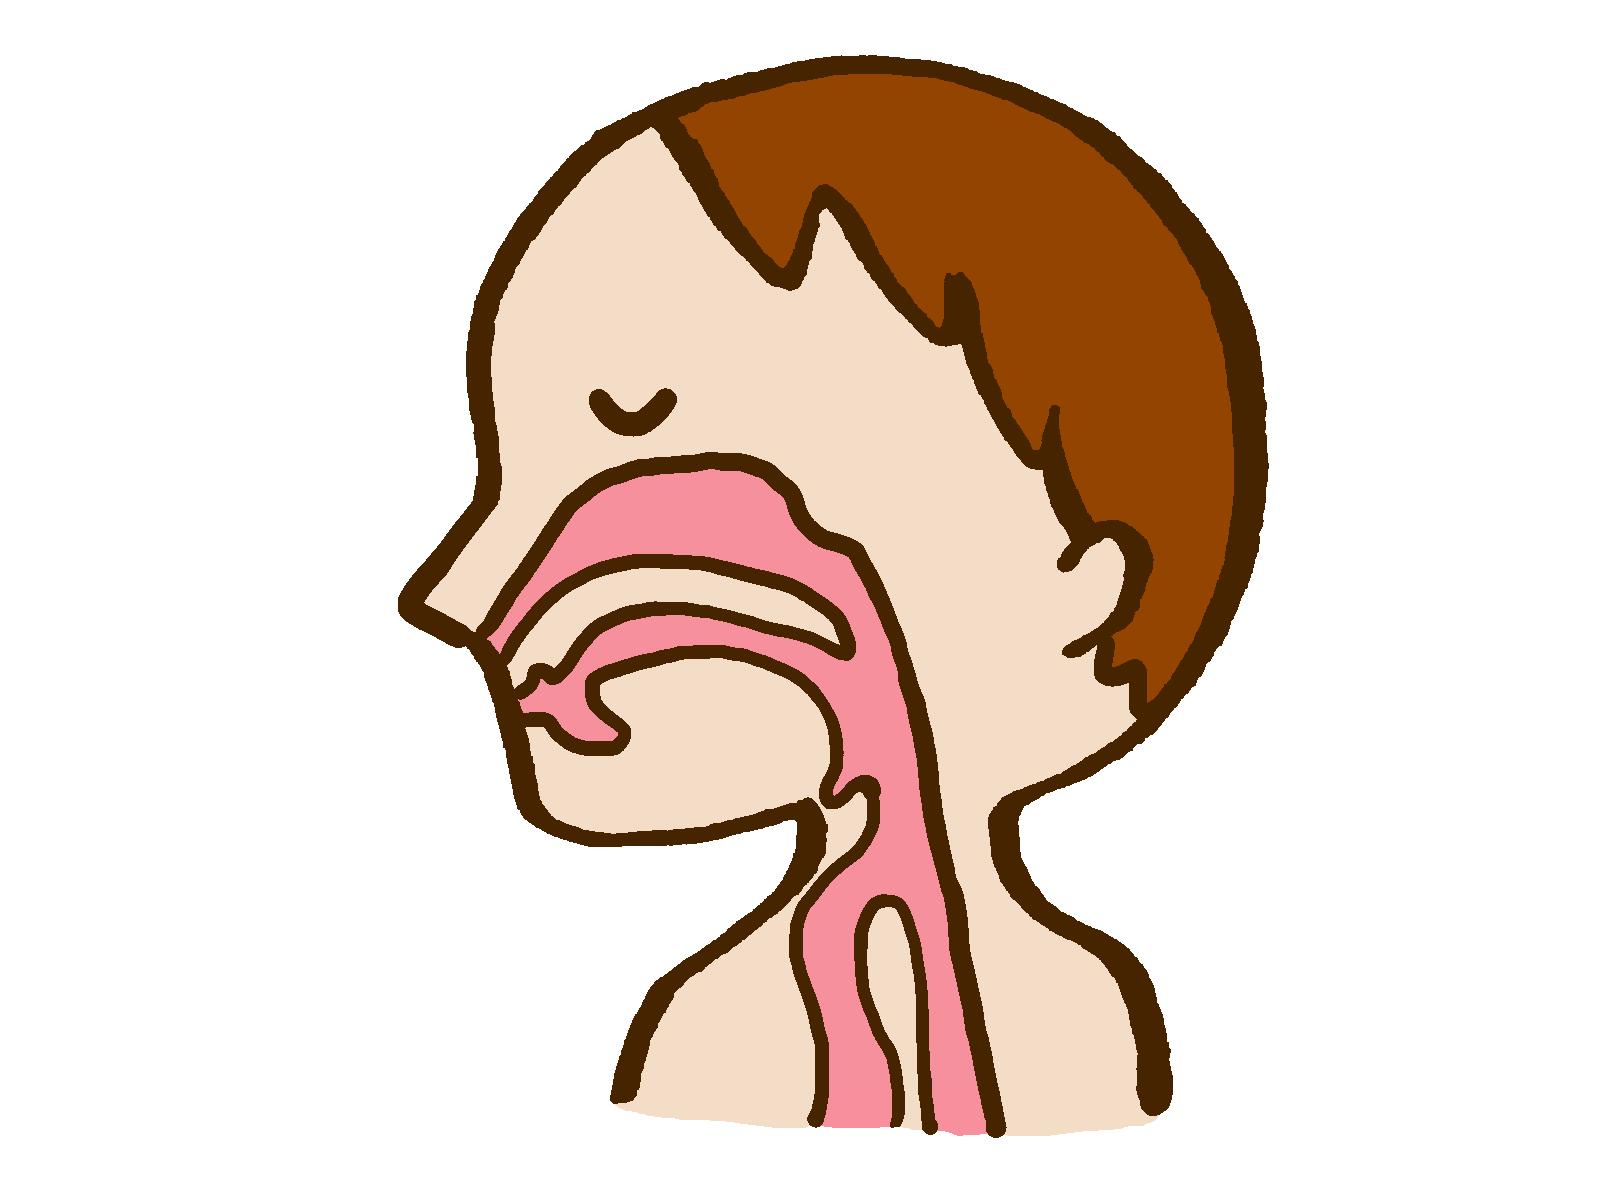 高張食塩水による鼻うがいは、生理食塩水による鼻うがいよりアレルギー性鼻炎症状を改善する